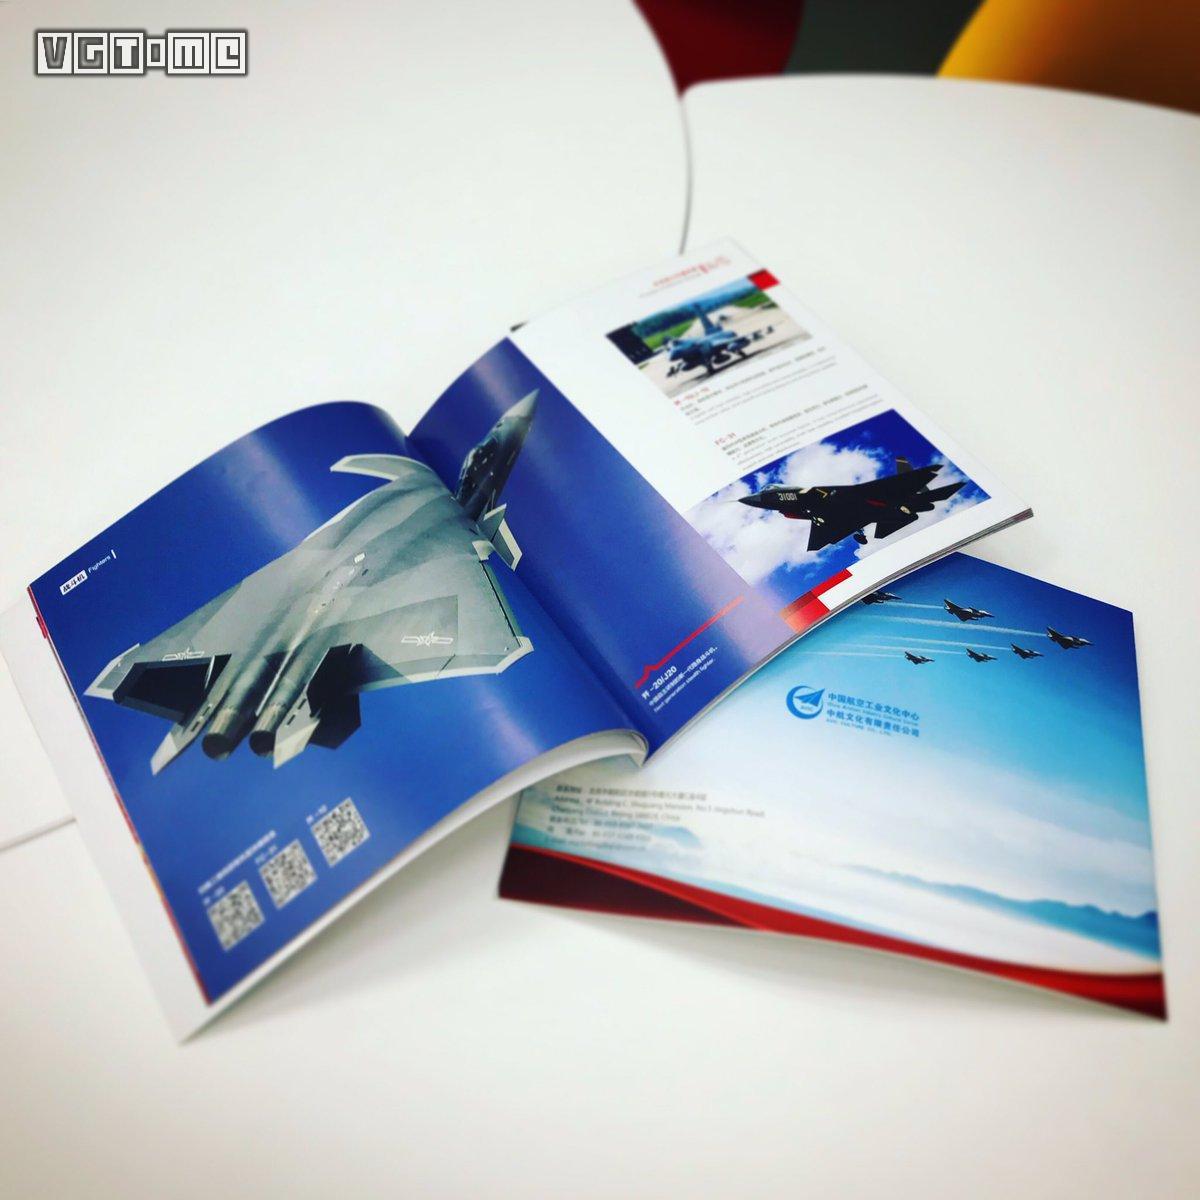 为庆祝《皇牌空战7》发售,中航给制作人寄了一本宣传册